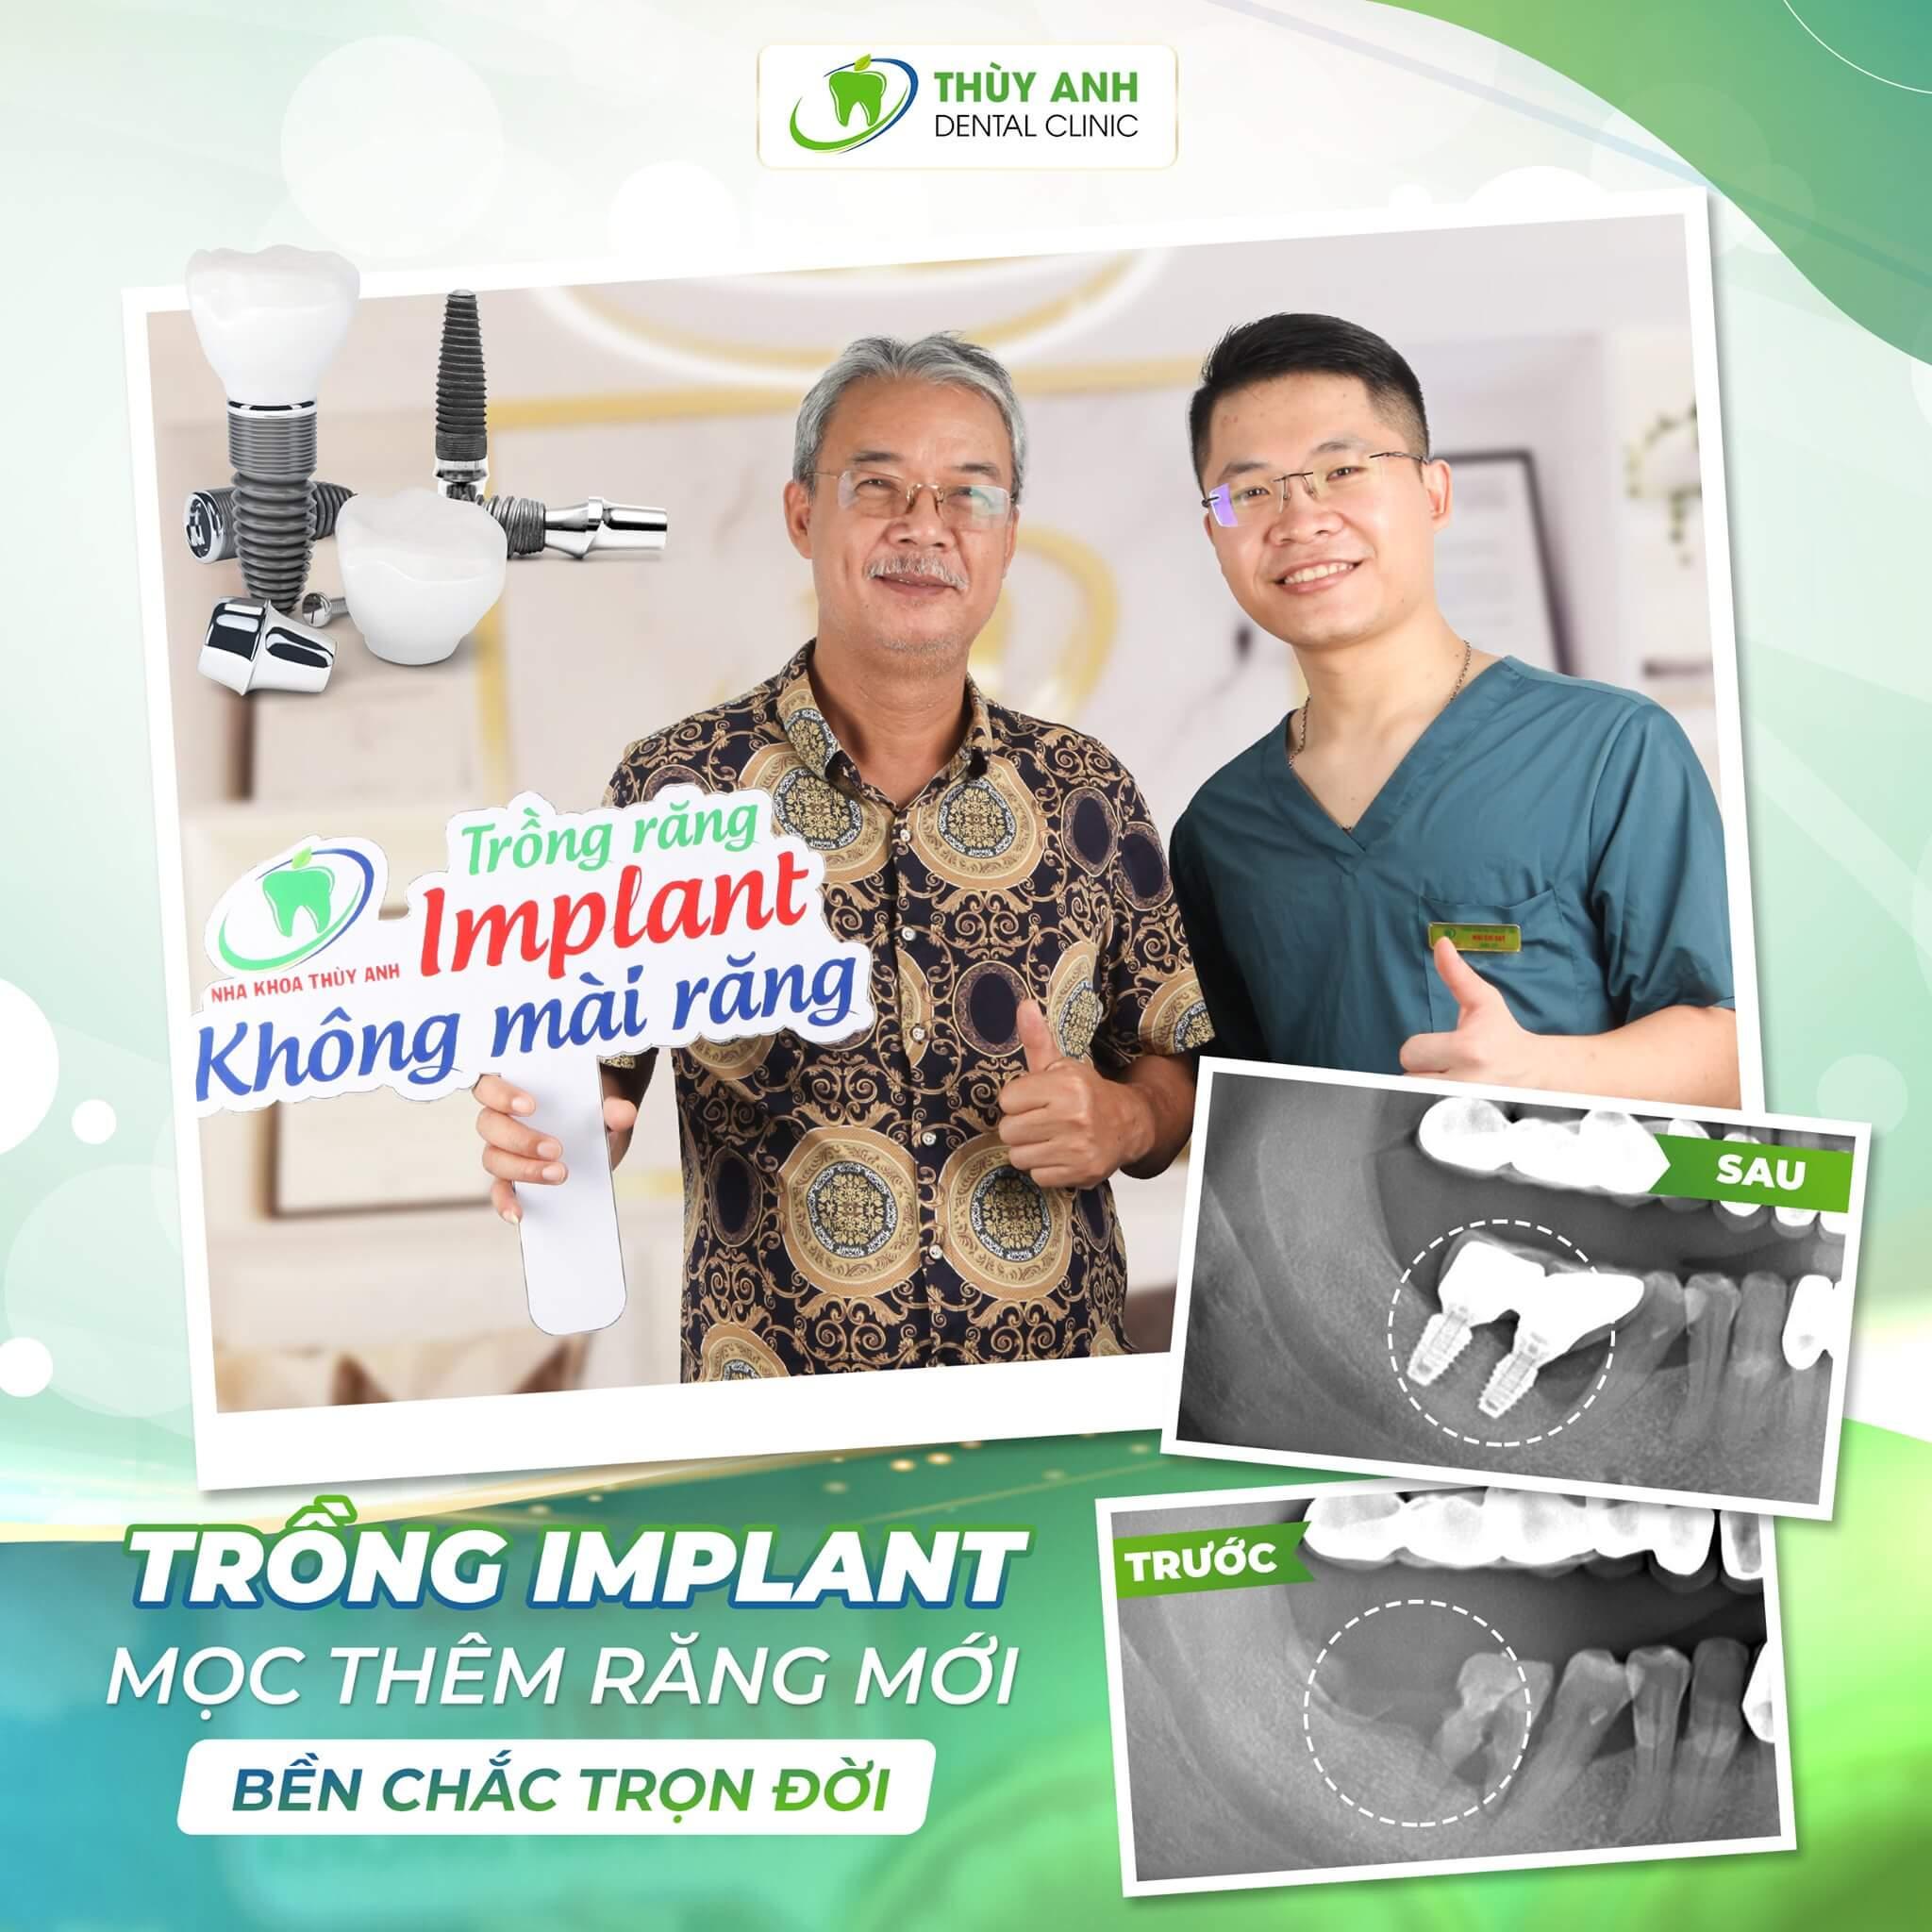 Xương hàm thế nào mới đạt tiêu chuẩn cấy ghép Implant?